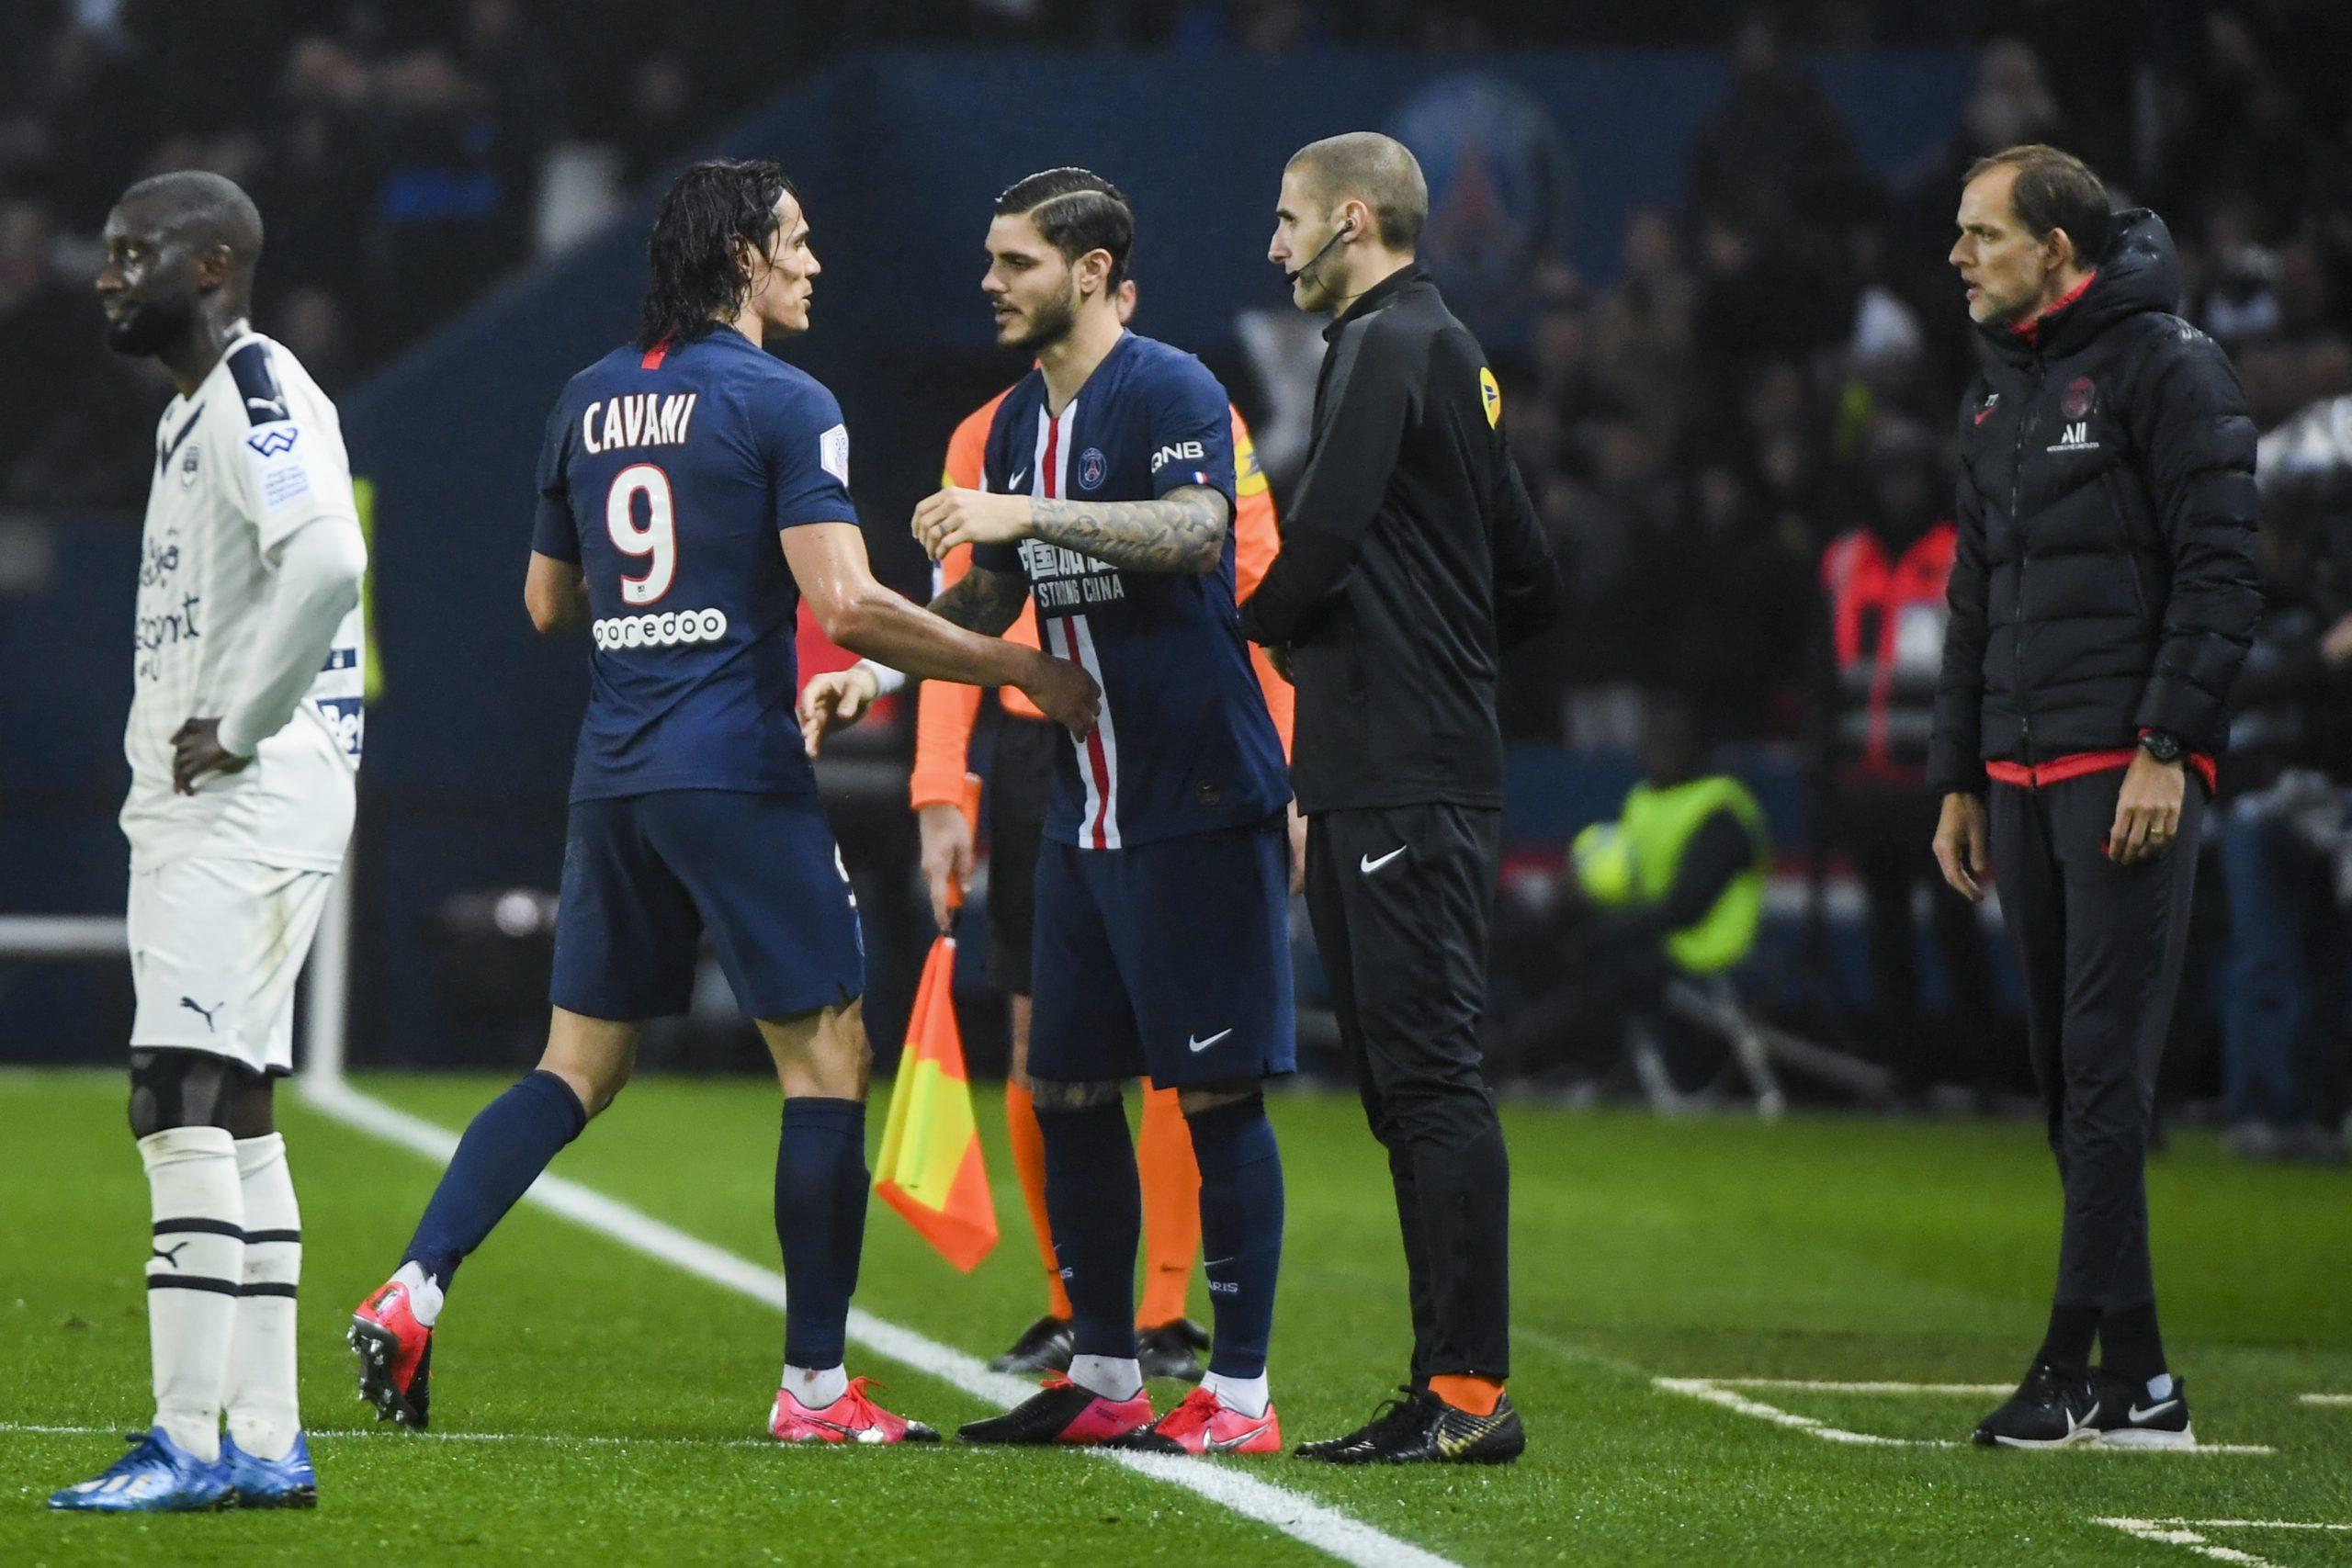 L'idée des 5 changements autorisés dans un match plaît en Ligue 1